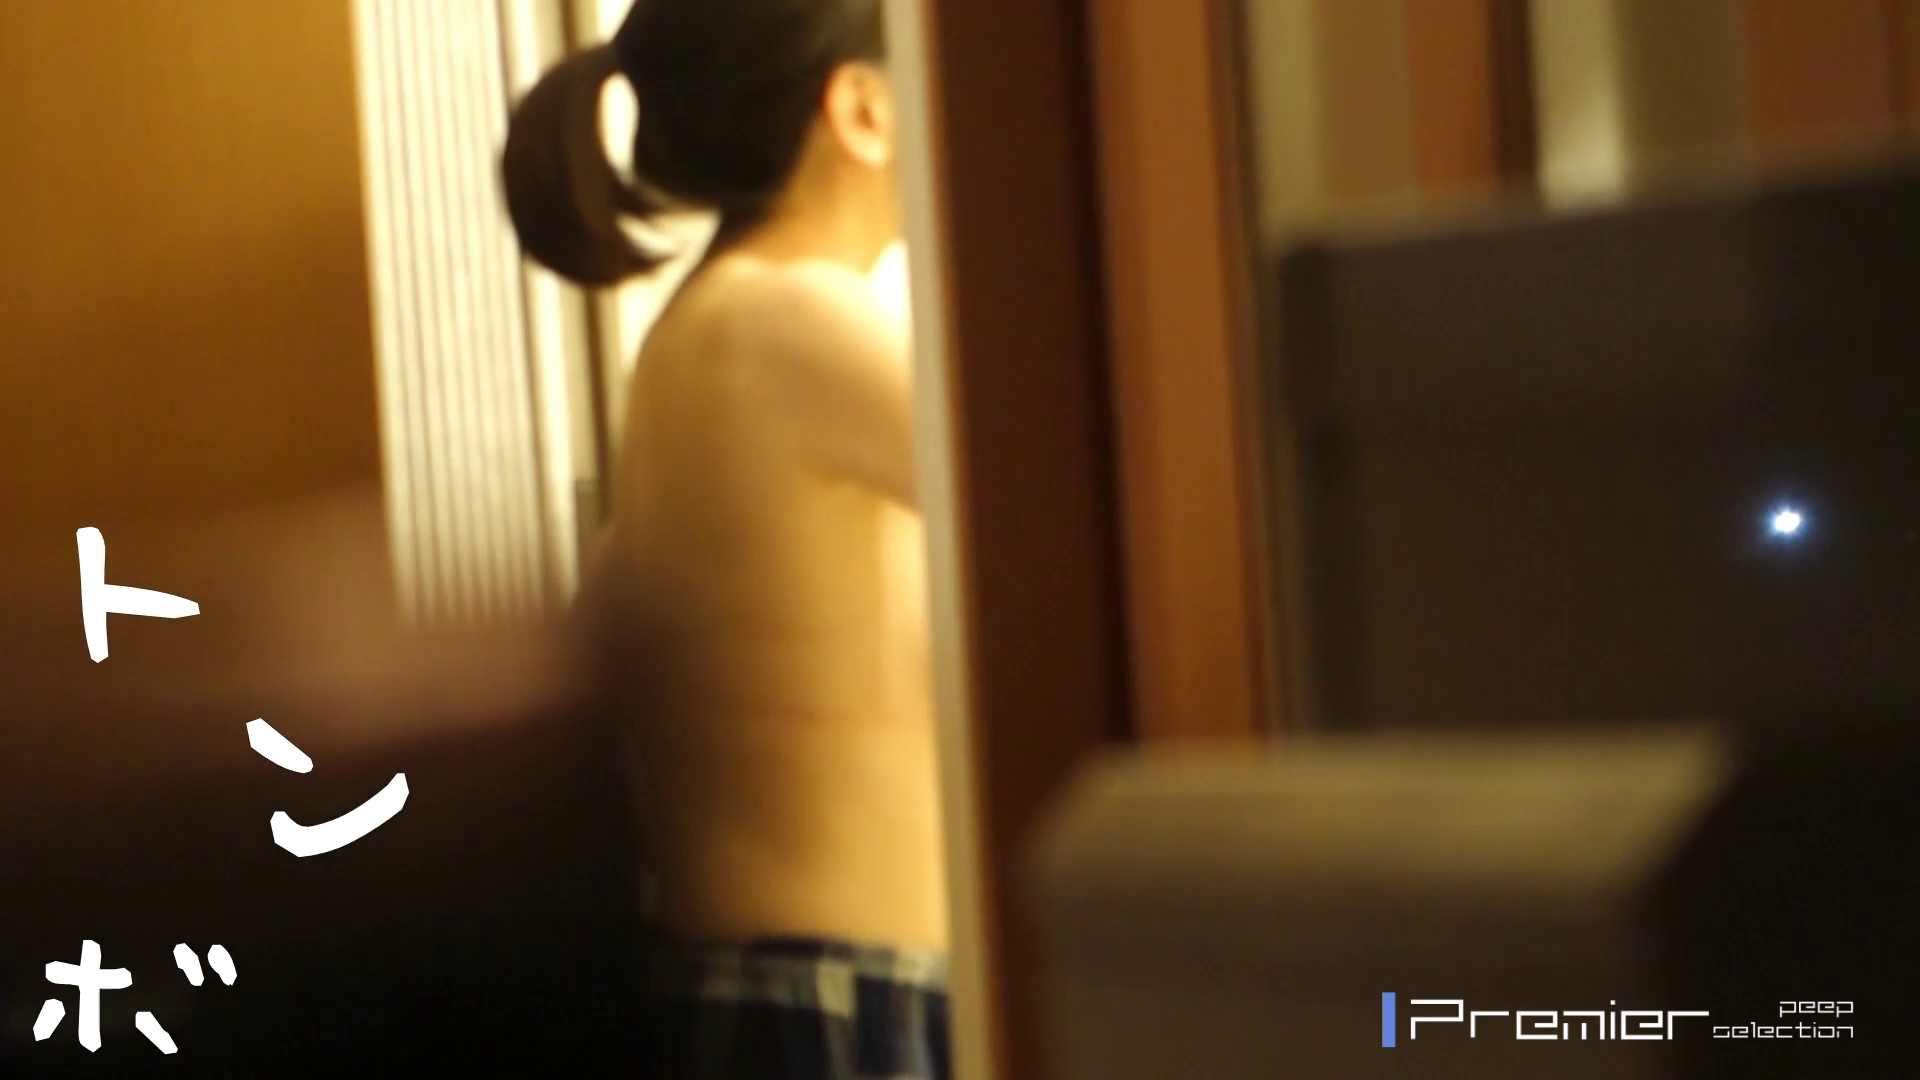 美女達の私生活に潜入!魅惑のOLの私生活 潜入 盗撮画像 109pic 87